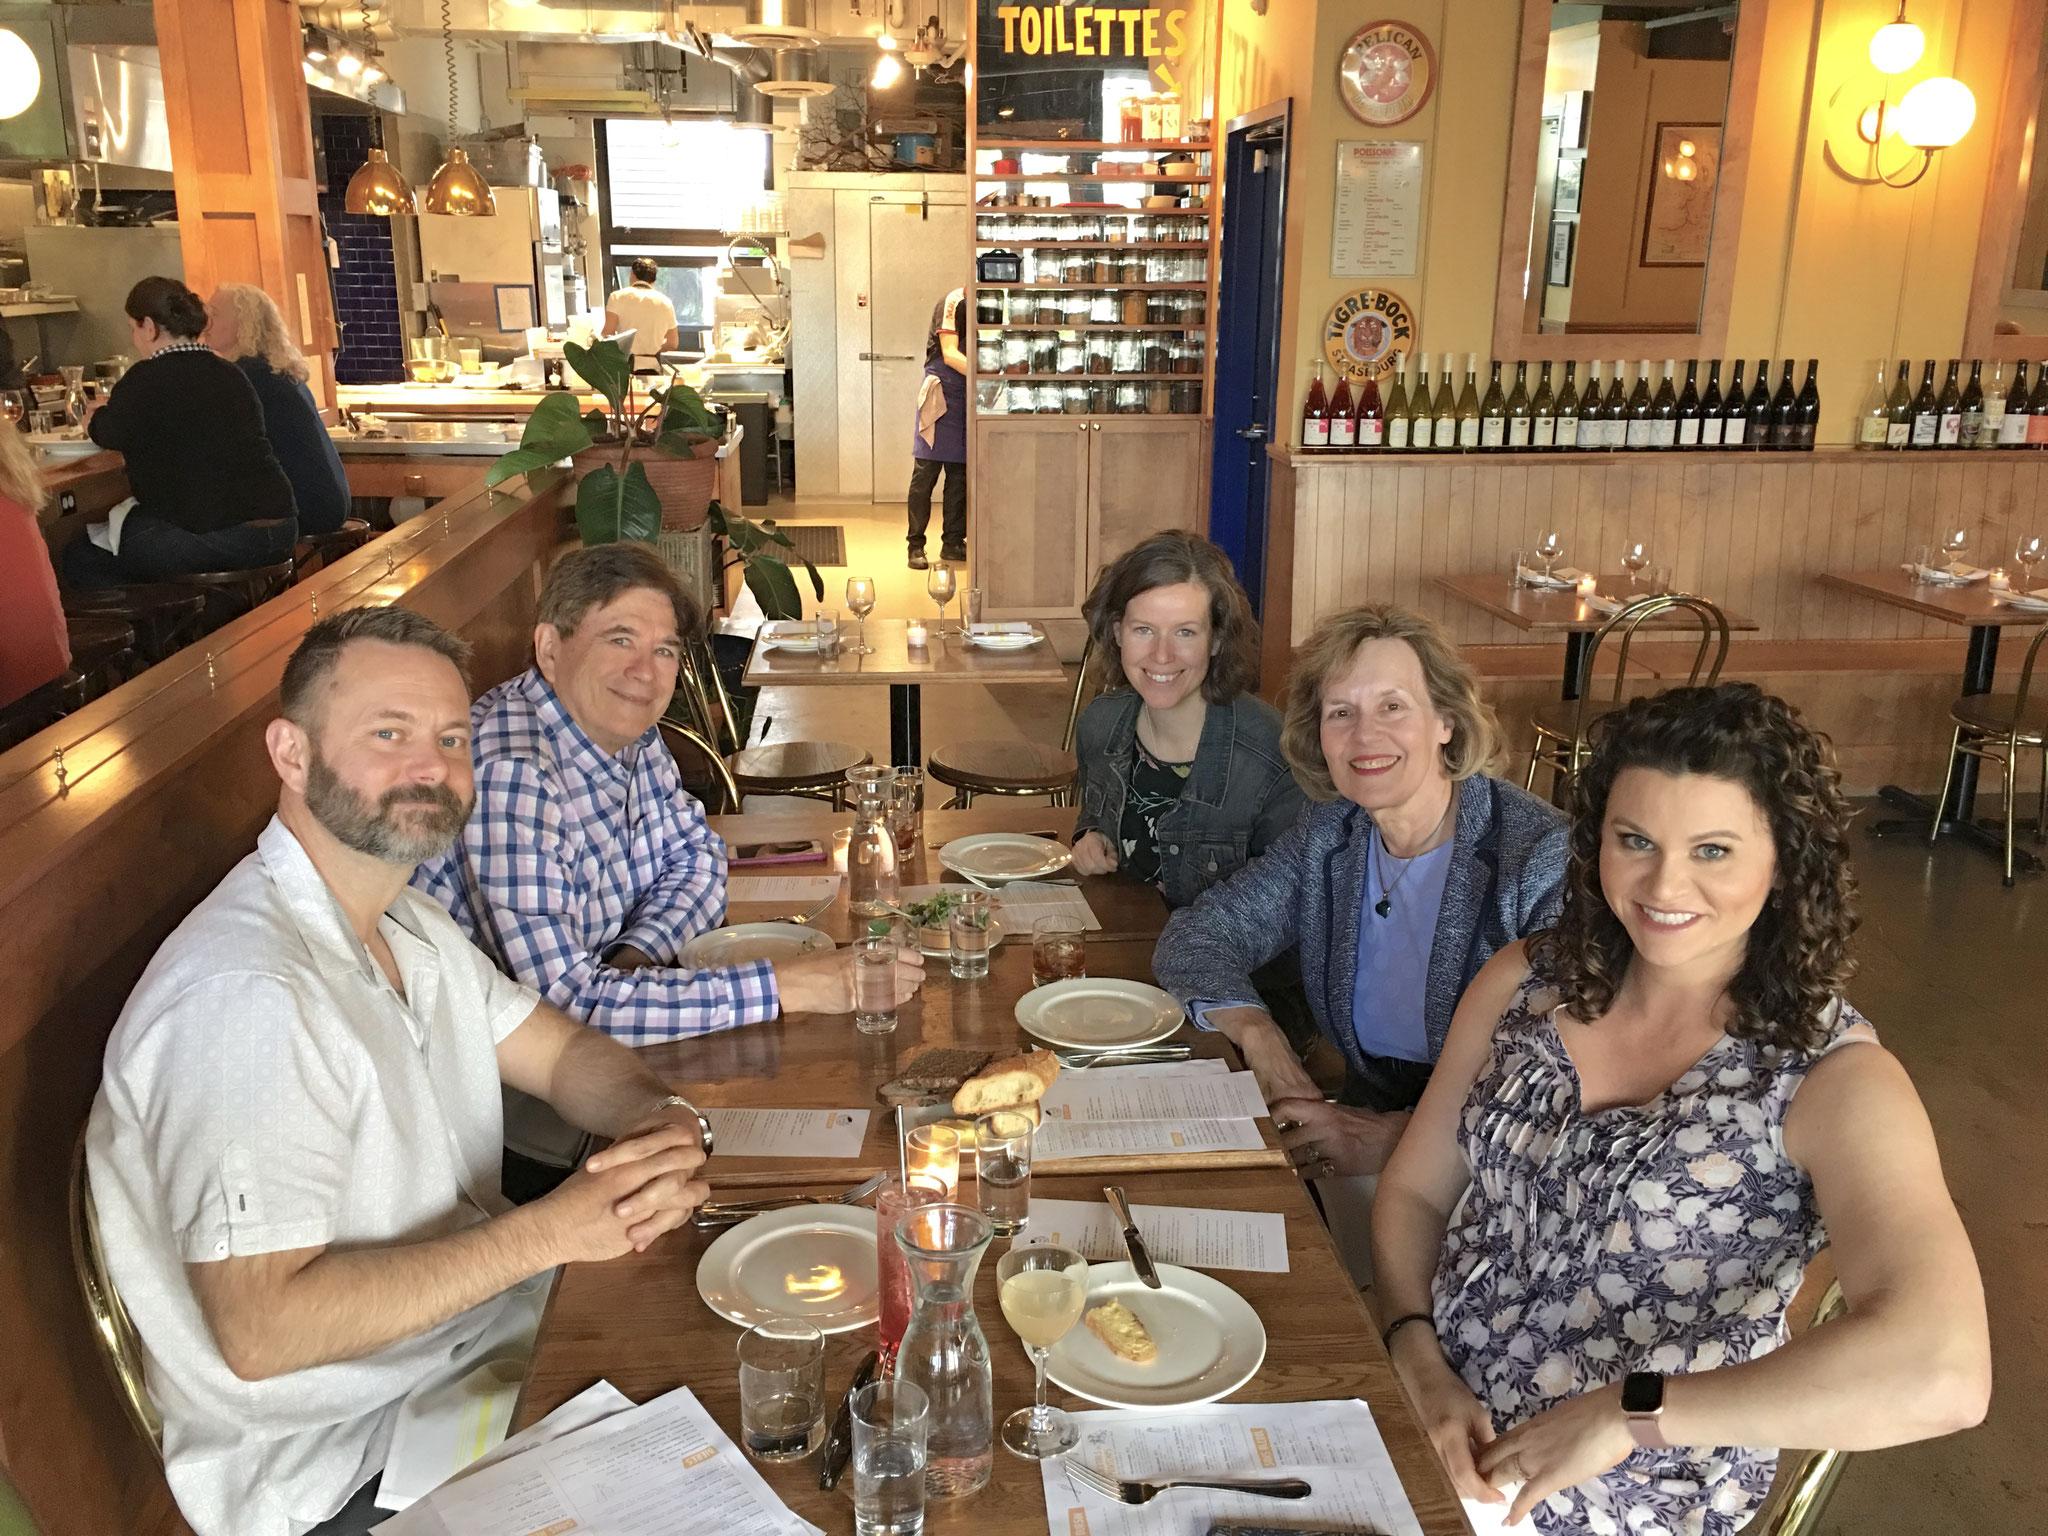 Max, John, Meg, Lorraine, & Amber May, 2019 Seattle, WA